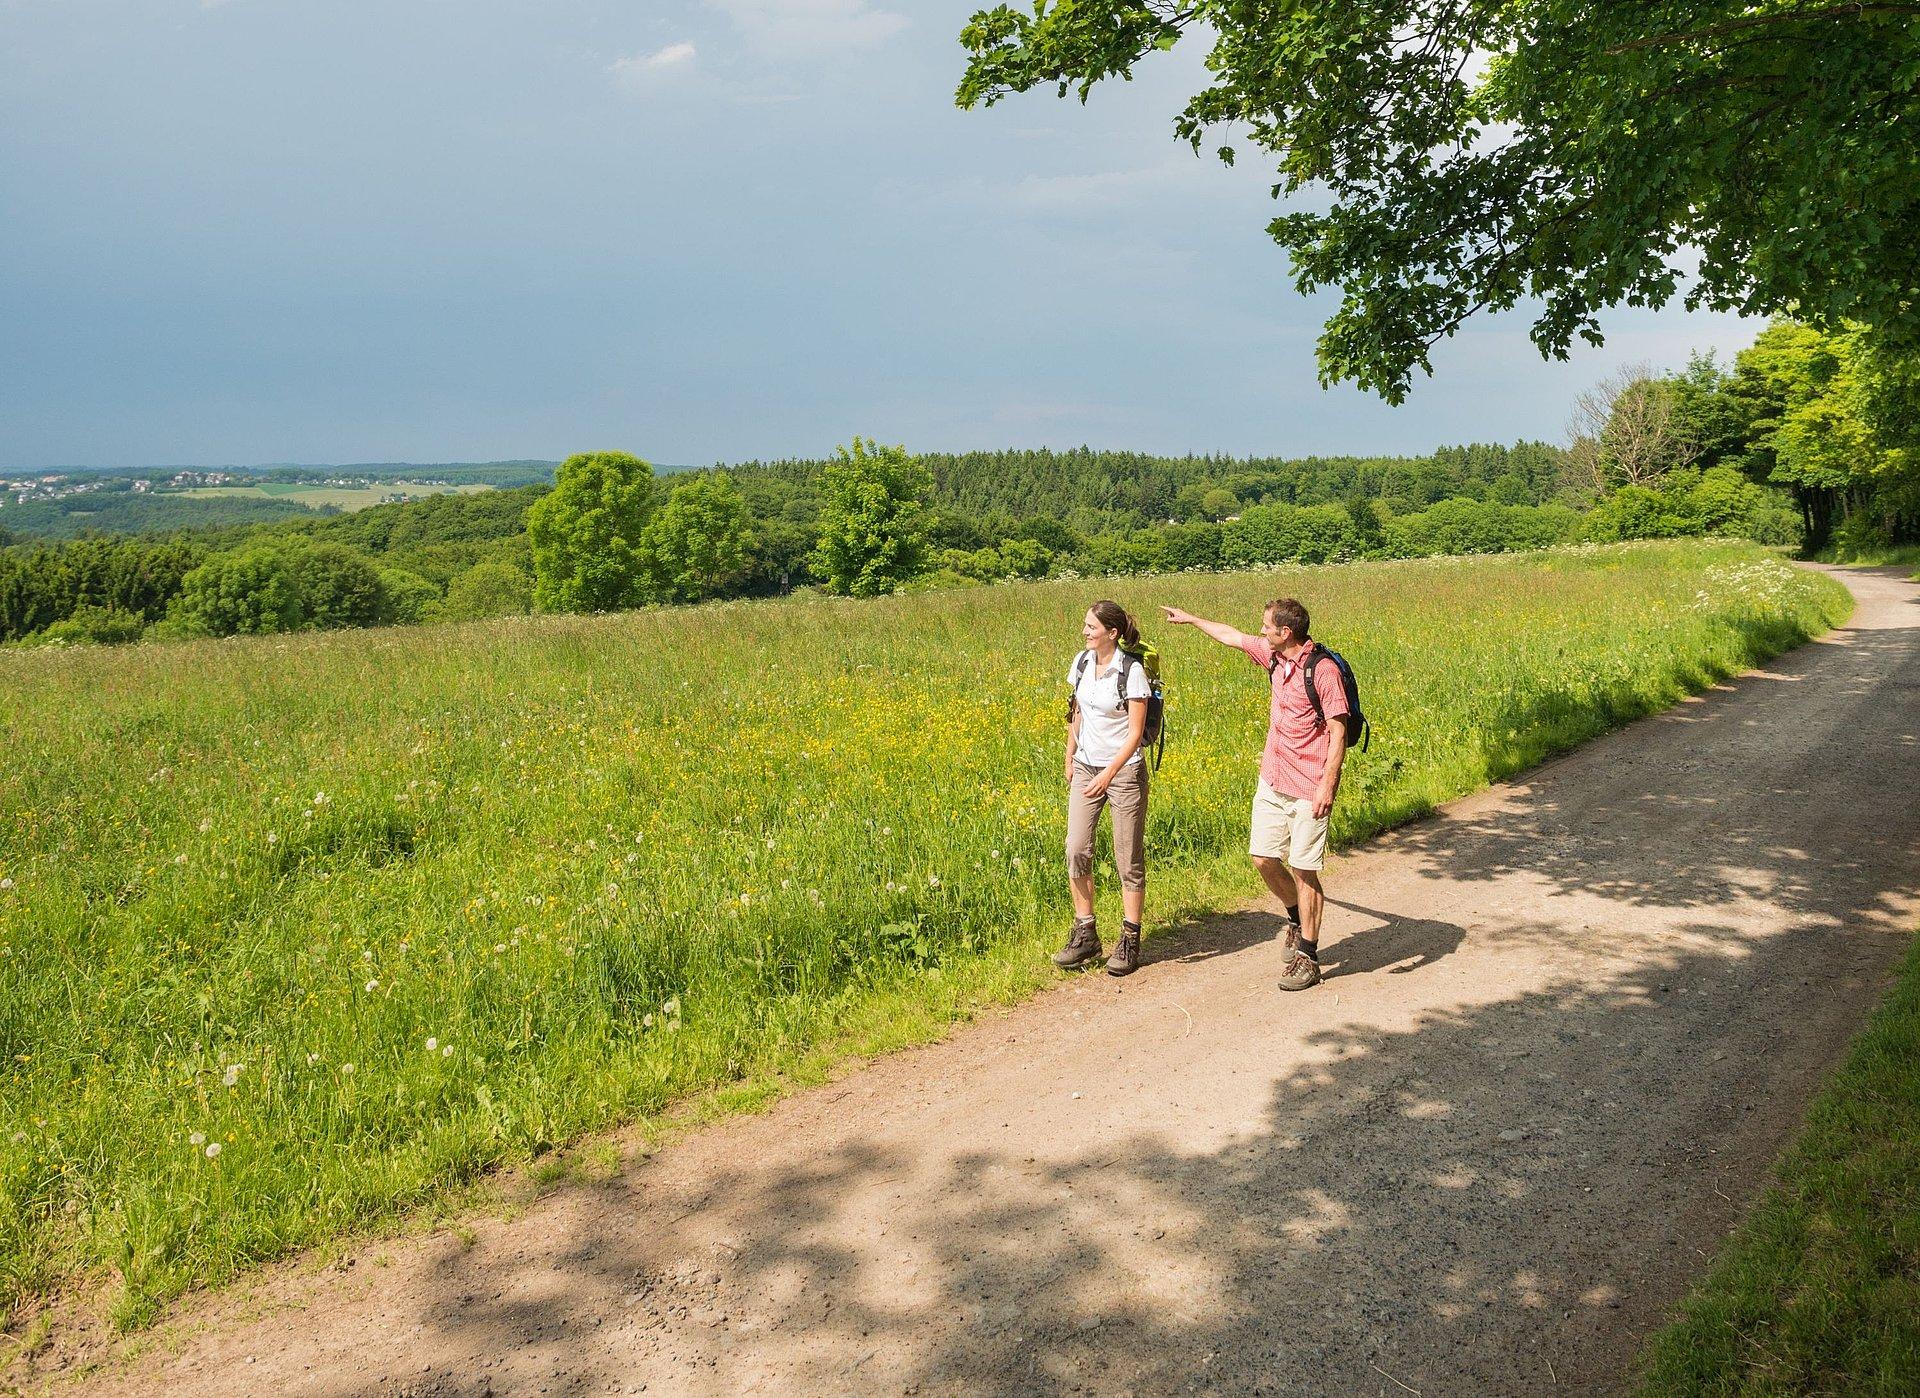 Wandern auf der WällerTour Klosterweg bei Kurtscheid, Westerwald